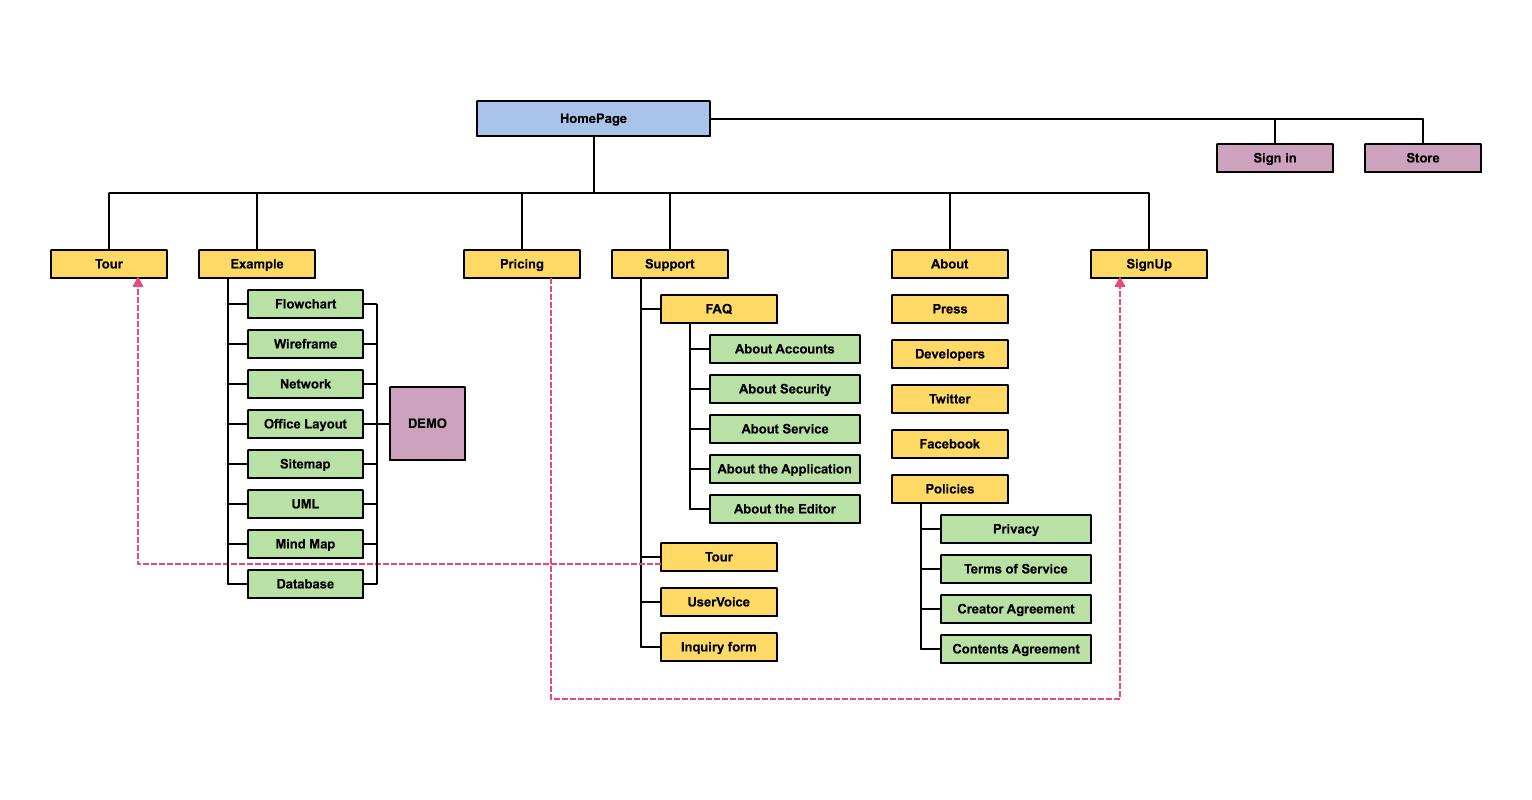 visio site map diagram bmw e30 obc wiring cacoo ejemplos de diagramas y flujo